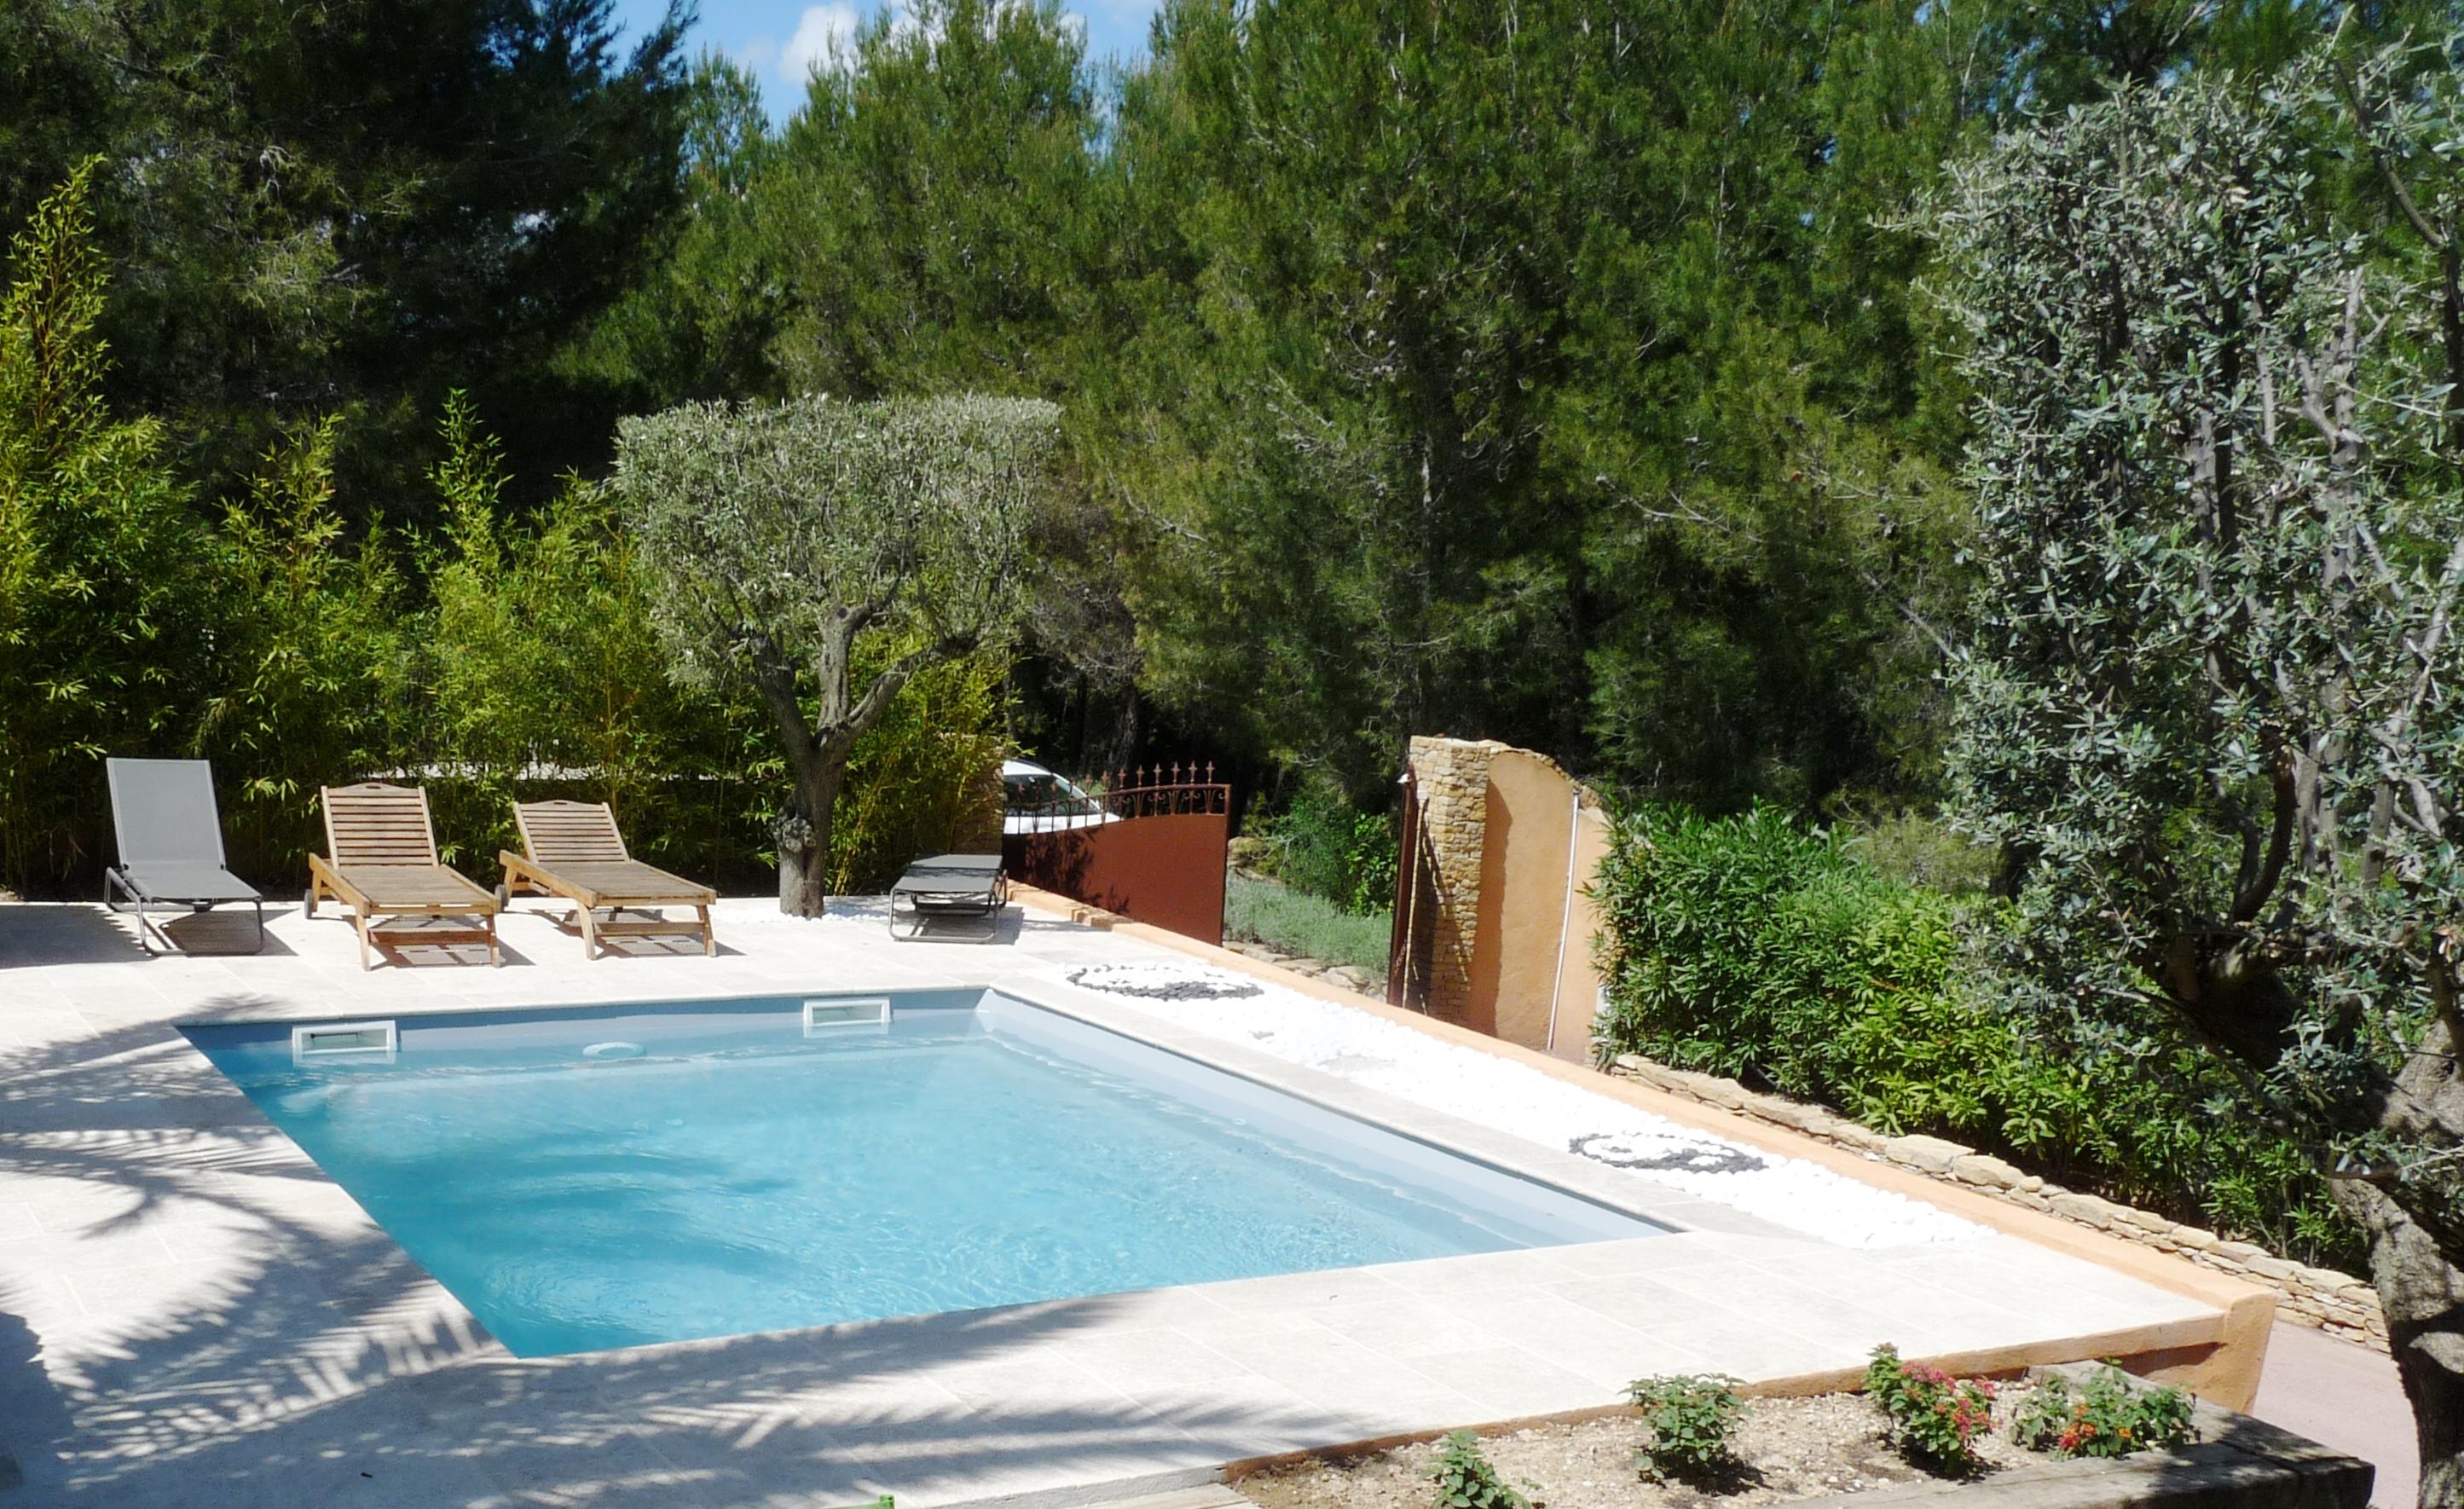 Constructeur piscine pau pyrenees atlantiques piscinier for Construction piscine pau